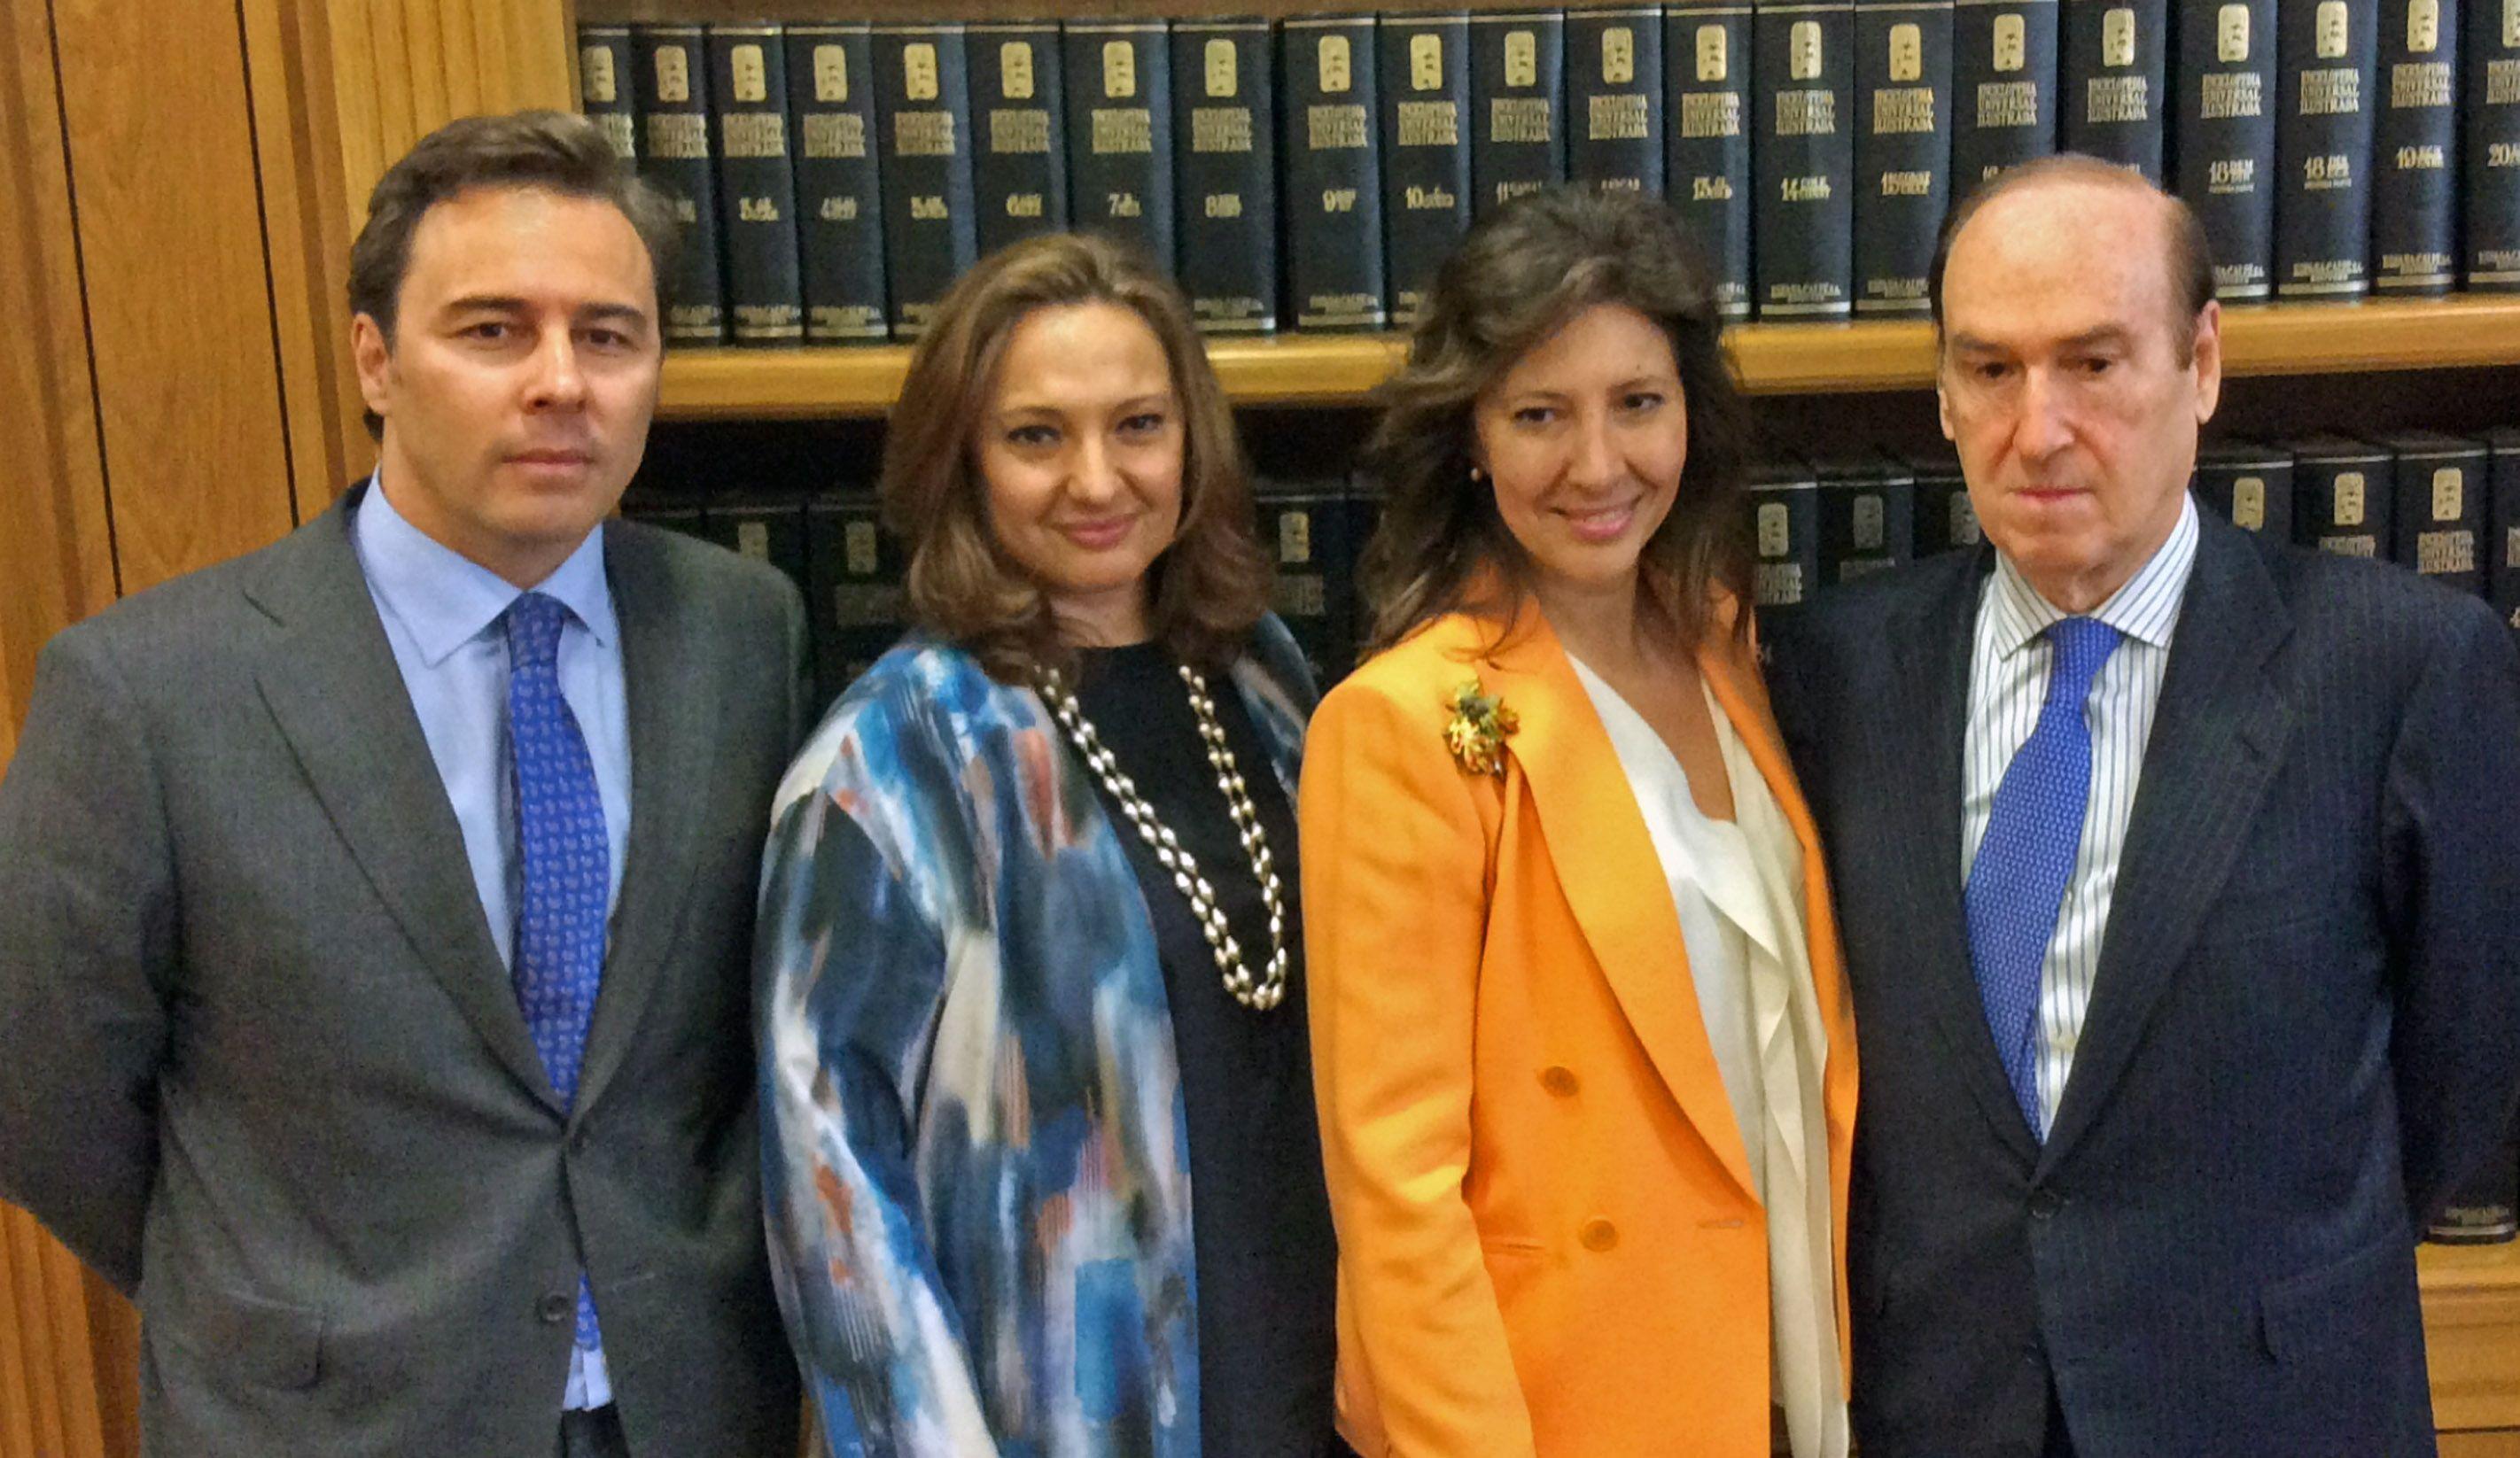 El Corte Inglés. Florencio Lasaga, nuevo presidente de la Fundación Ramón Areces